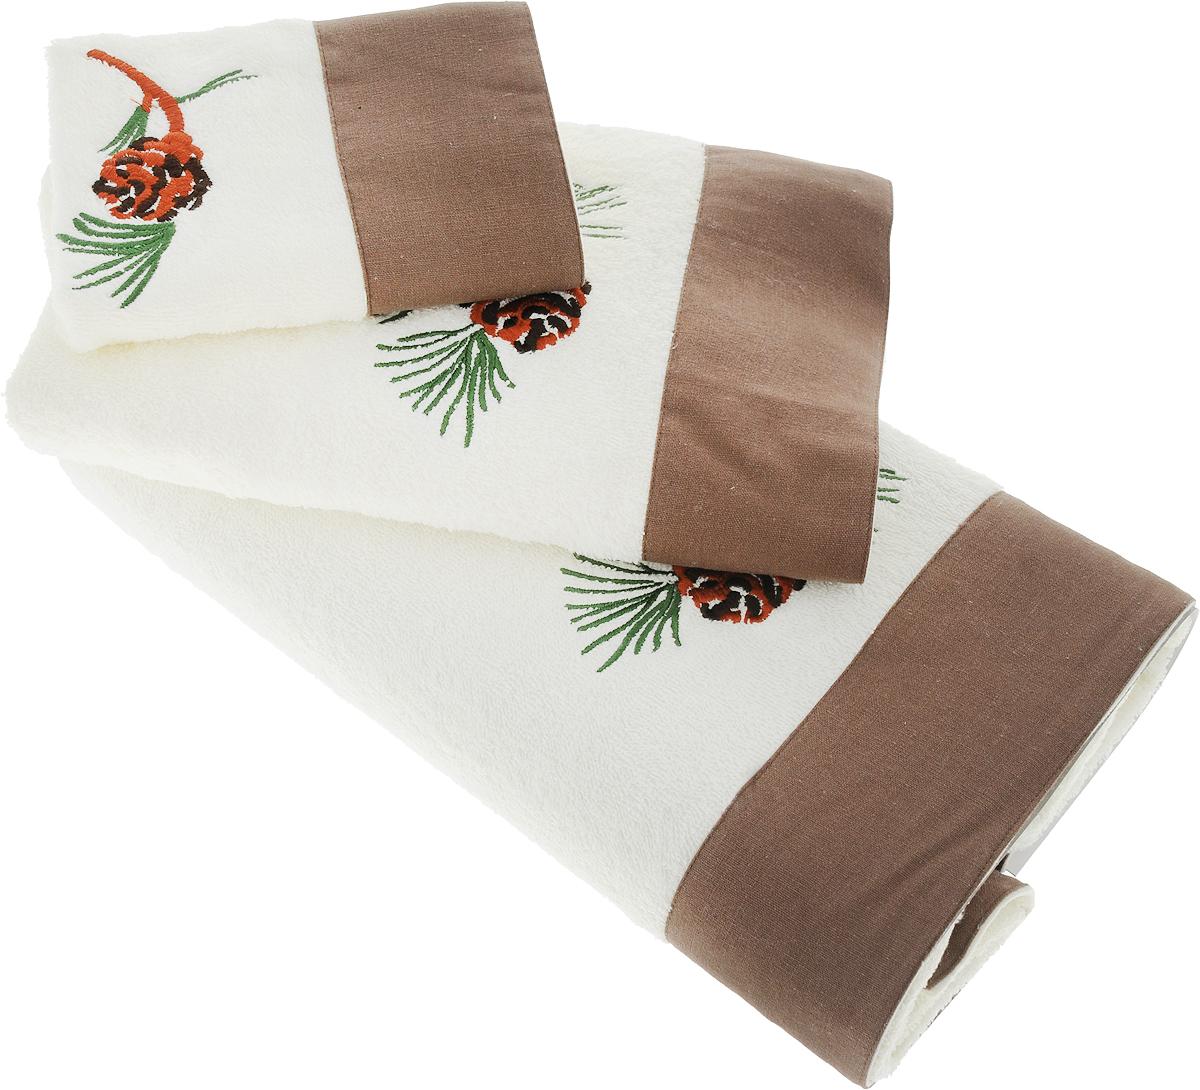 цена на Набор махровых полотенец Bravo Ботаника, цвет: кремовый, коричневый, 30 х 50 см, 45 х 90 см, 65 х 130 см